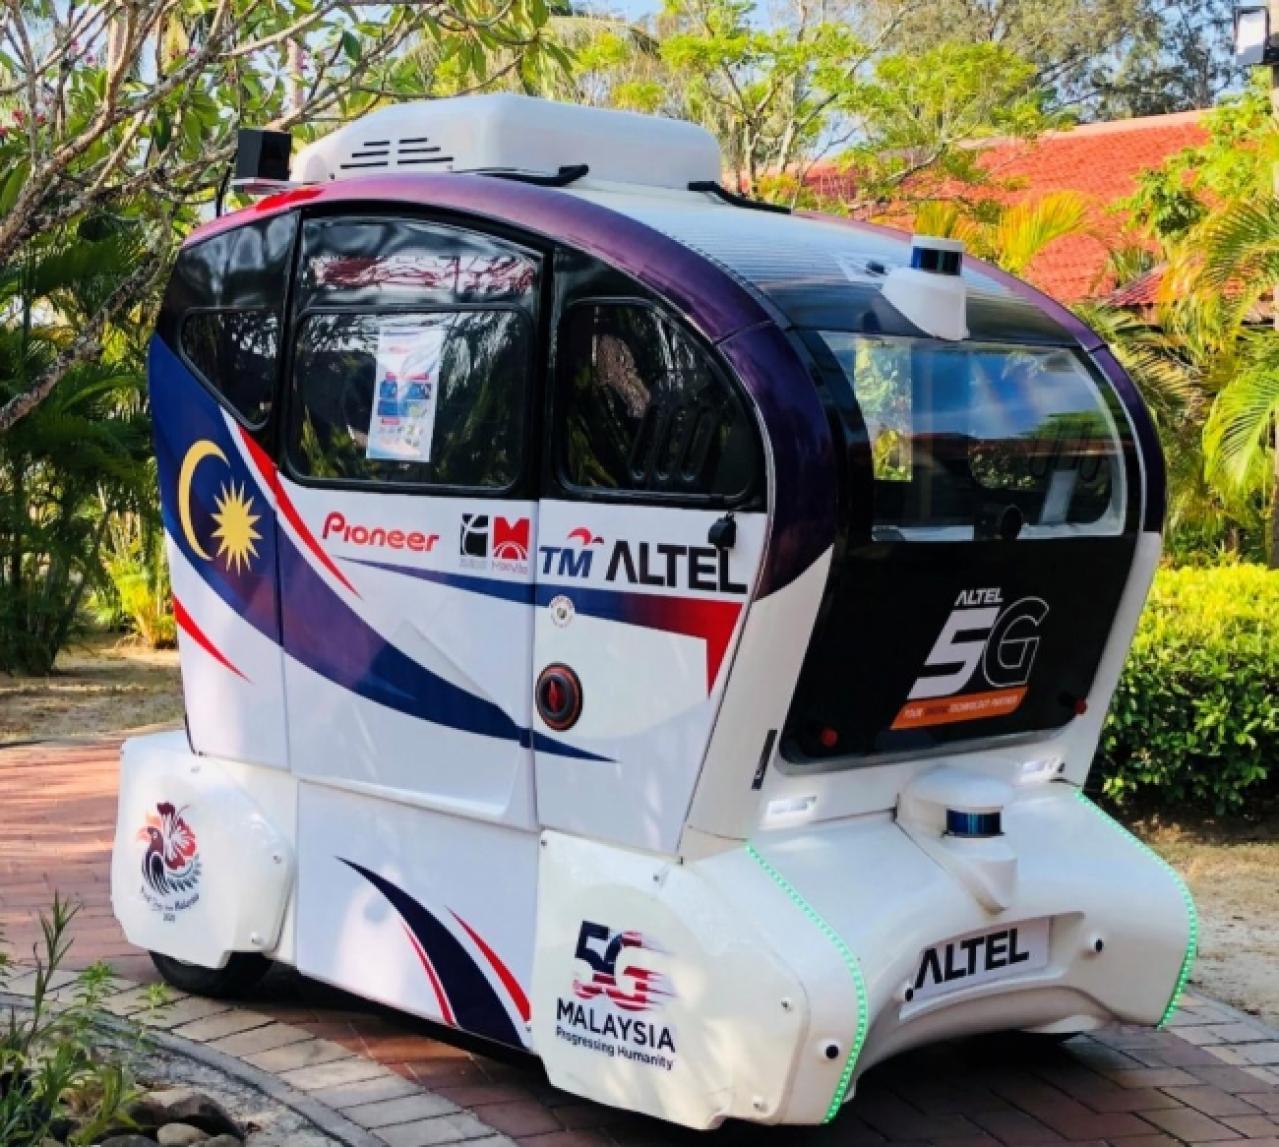 パイオニア:マレーシアにおける5G環境下の自動運転実証実験に参加